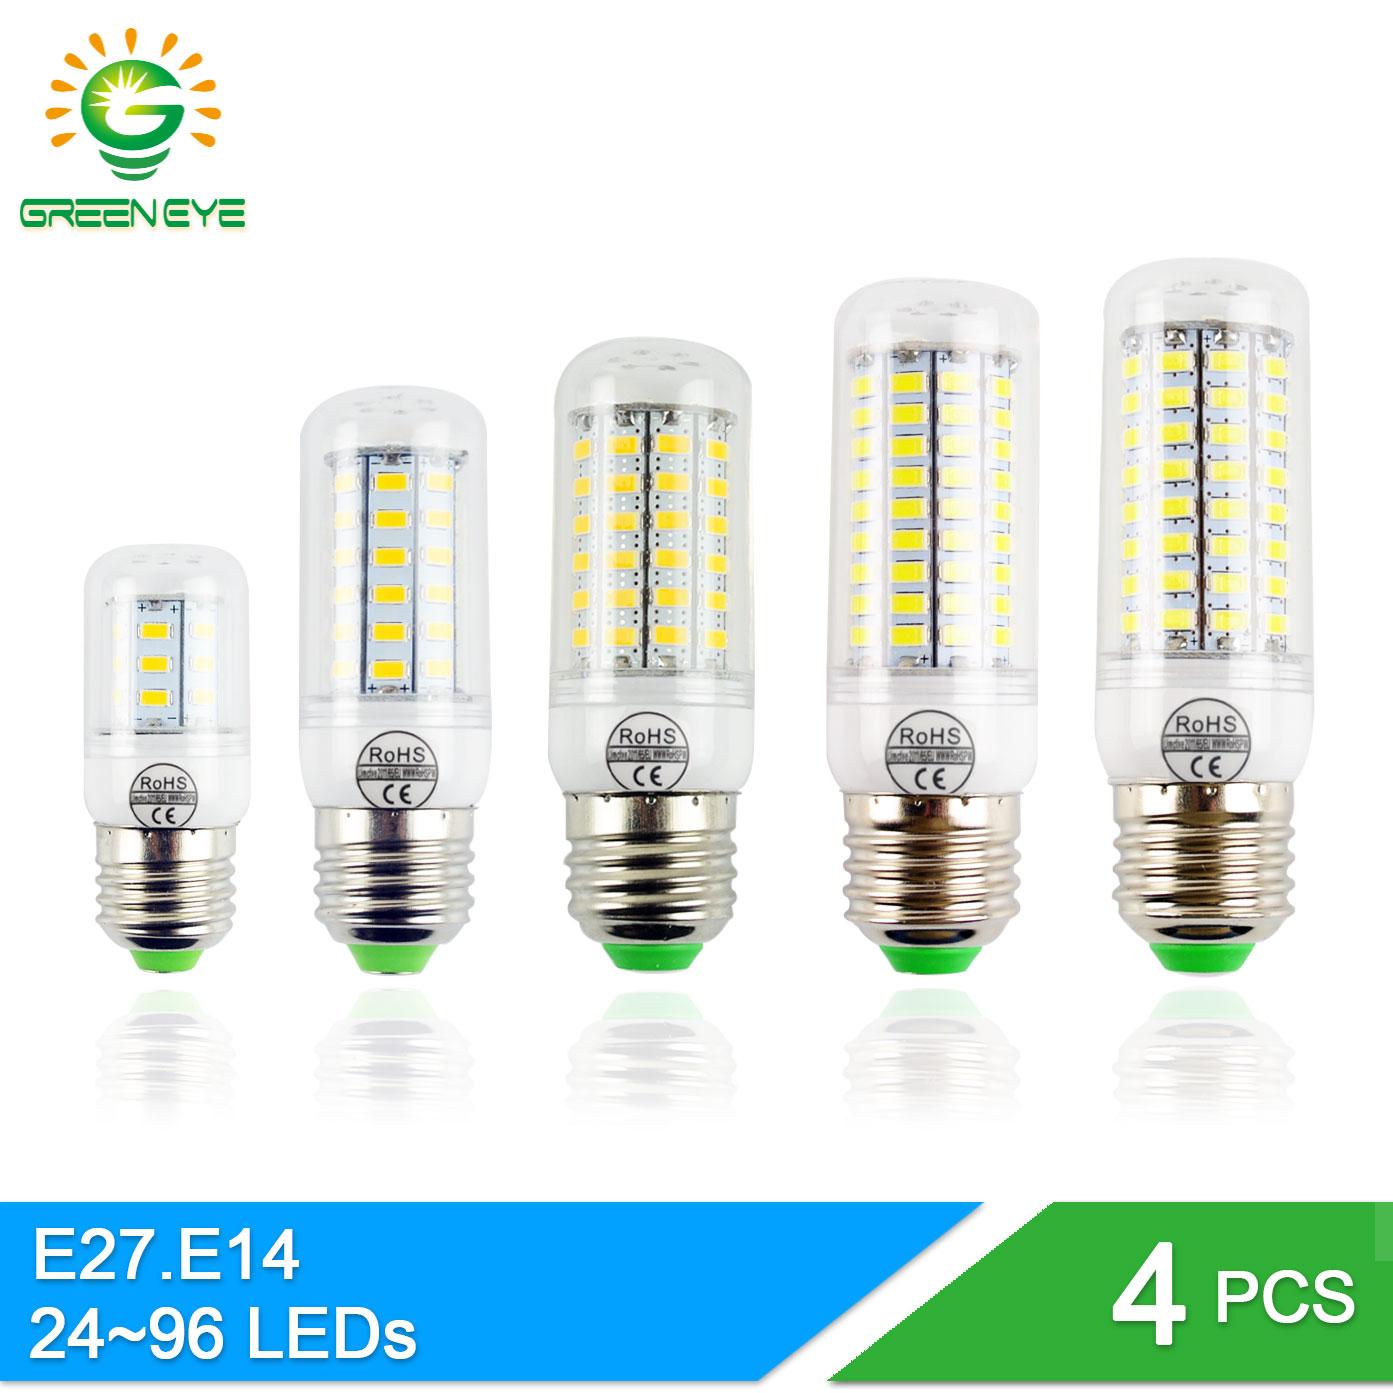 GreenEye 4pcs E14 E27 LED Corn Bulb 24~99leds Lampada LED Engergy Saving Lamp 220V 110V Bar Bulb Light Lampara Ampoule Bombilla